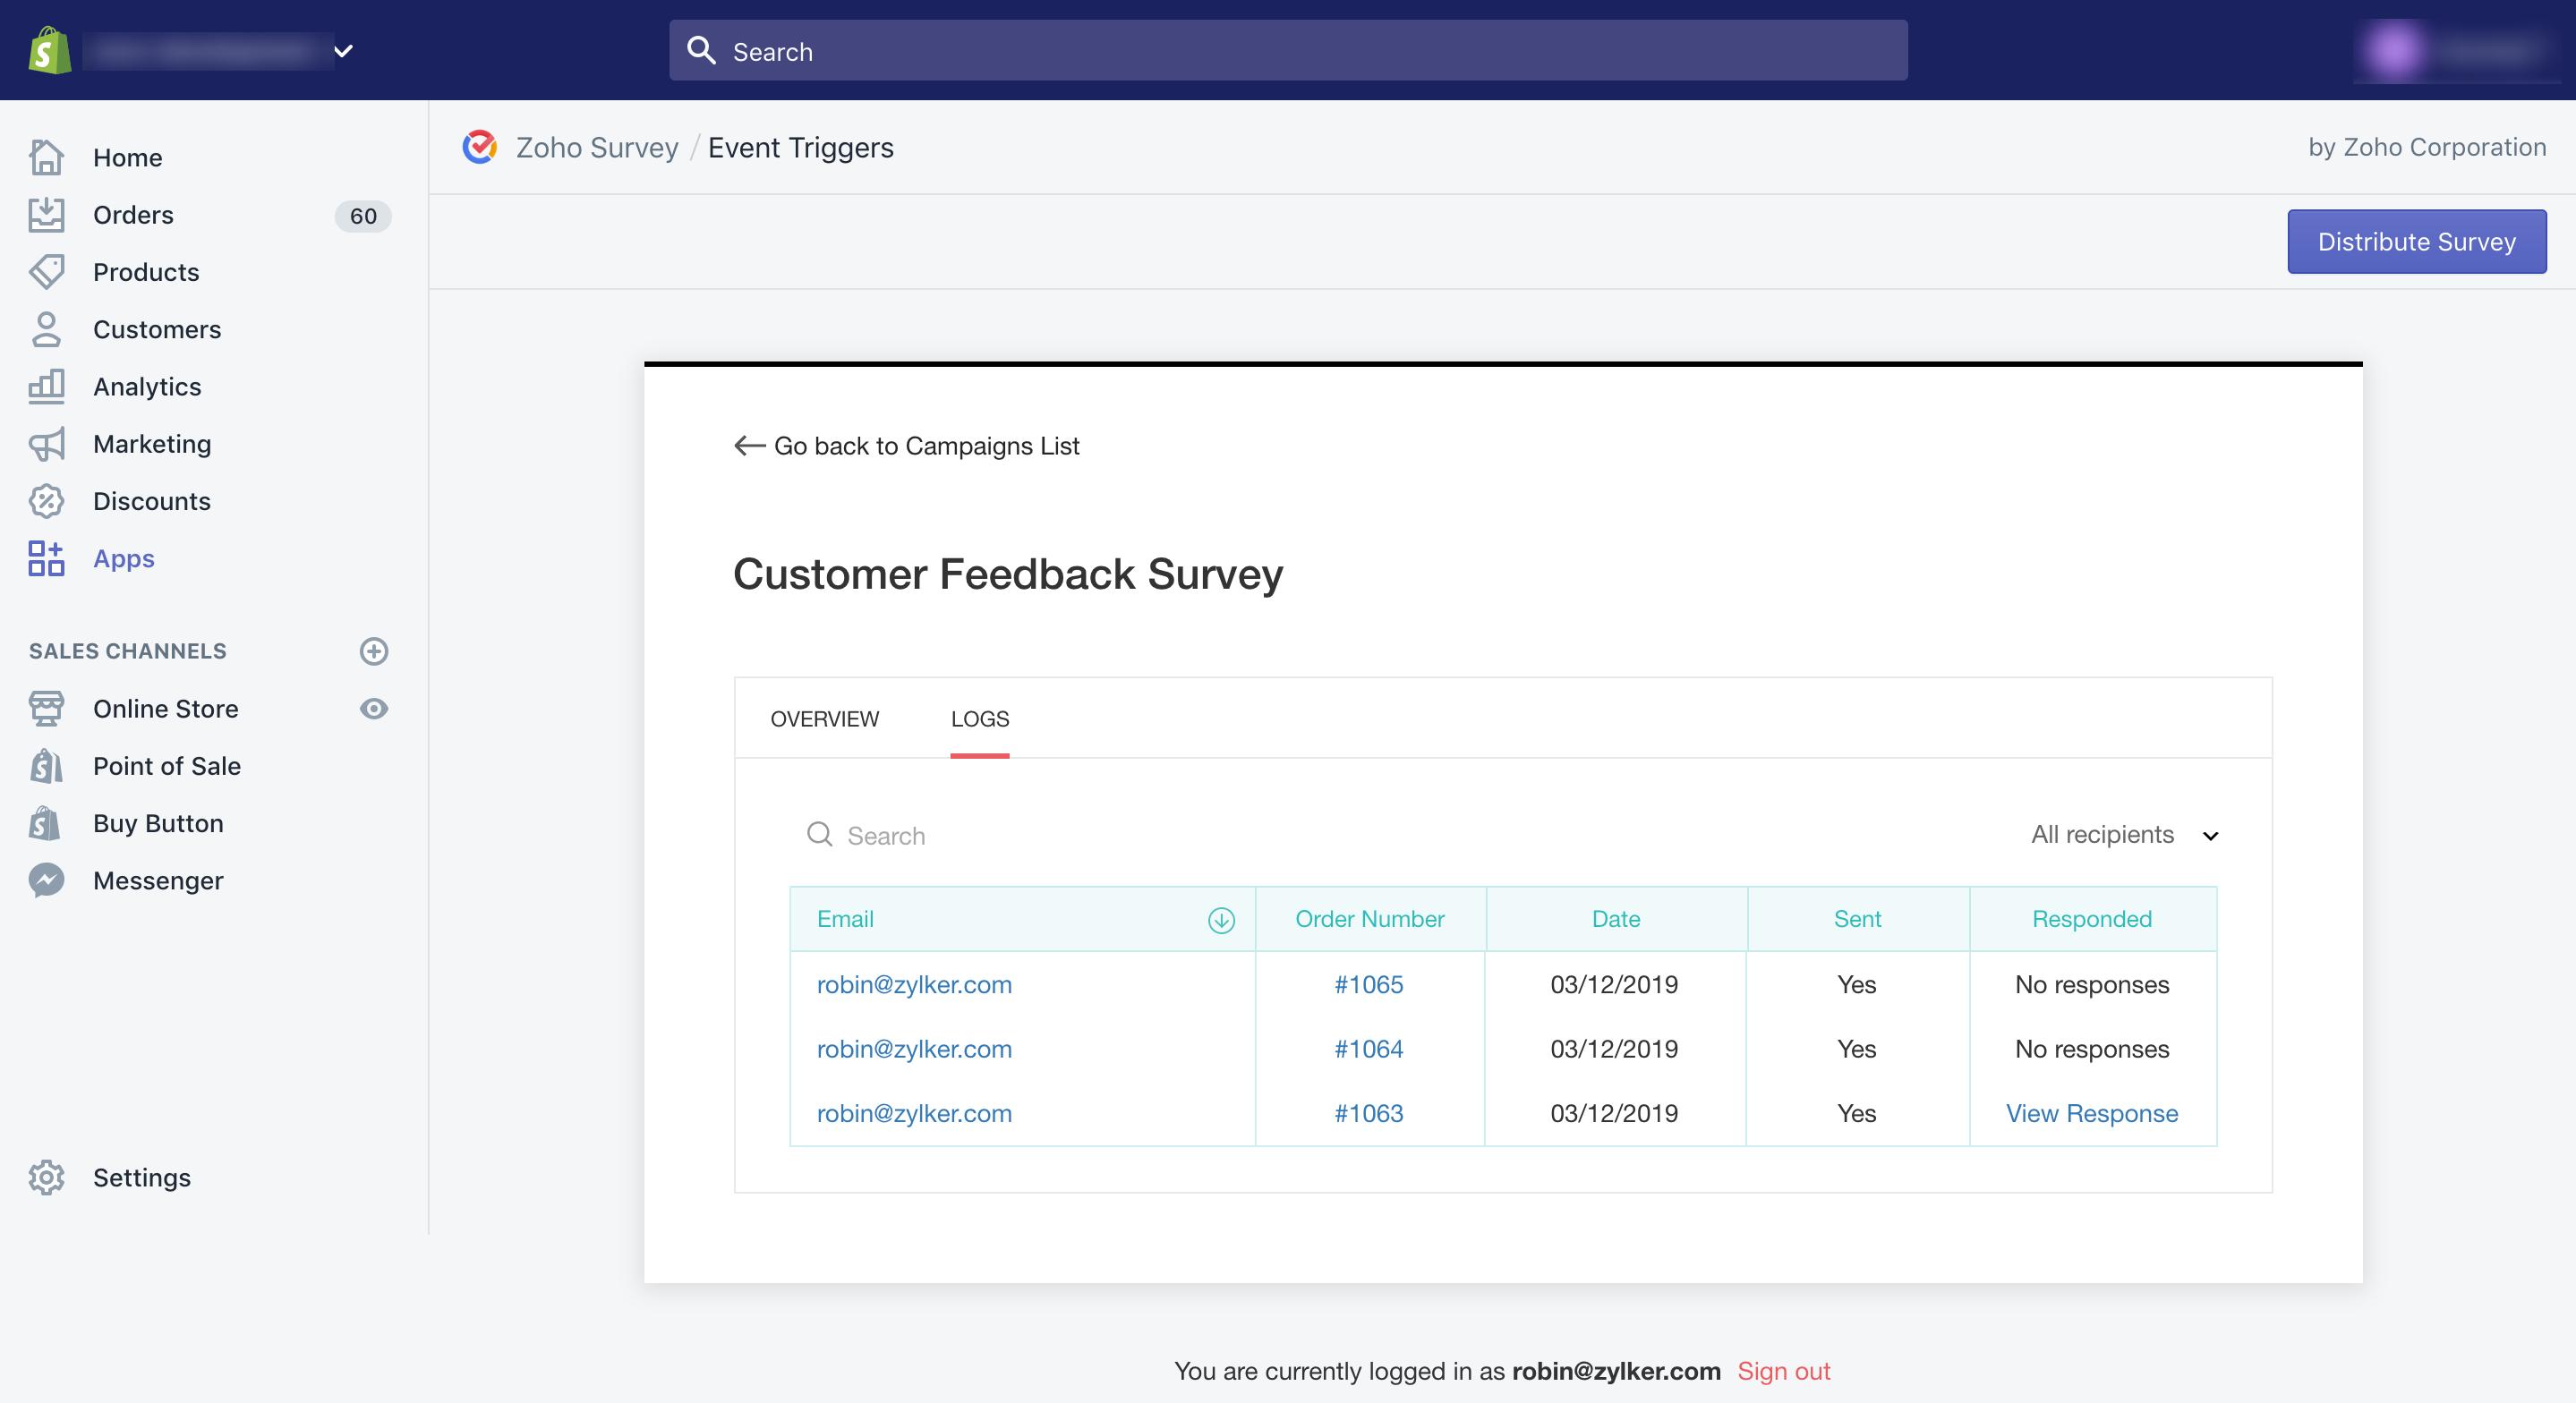 Zoho Survey Shopify event trigger logs